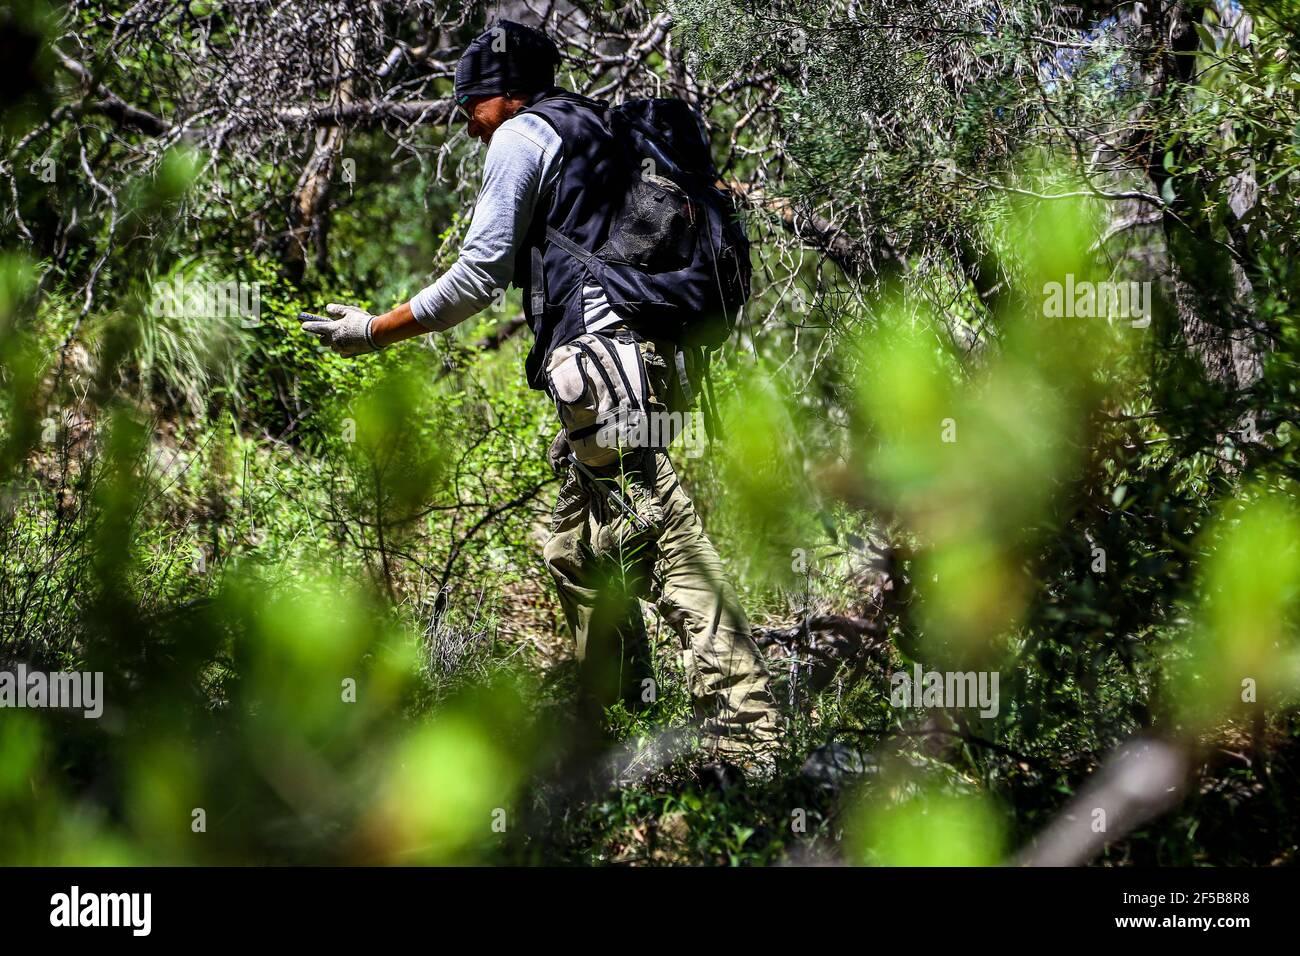 Diego Barrales especialista en Escorpiones. Veneno Madrean Diversity Expeditions con la Comisiòn Nacional de Areas Naturales protegidas, CONANP, en la Sierra del Tigre, municipio de Nacozari, Sonora. México. (CreditoFoto:LuisGutiérrez NortePhoto.com) Foto de stock